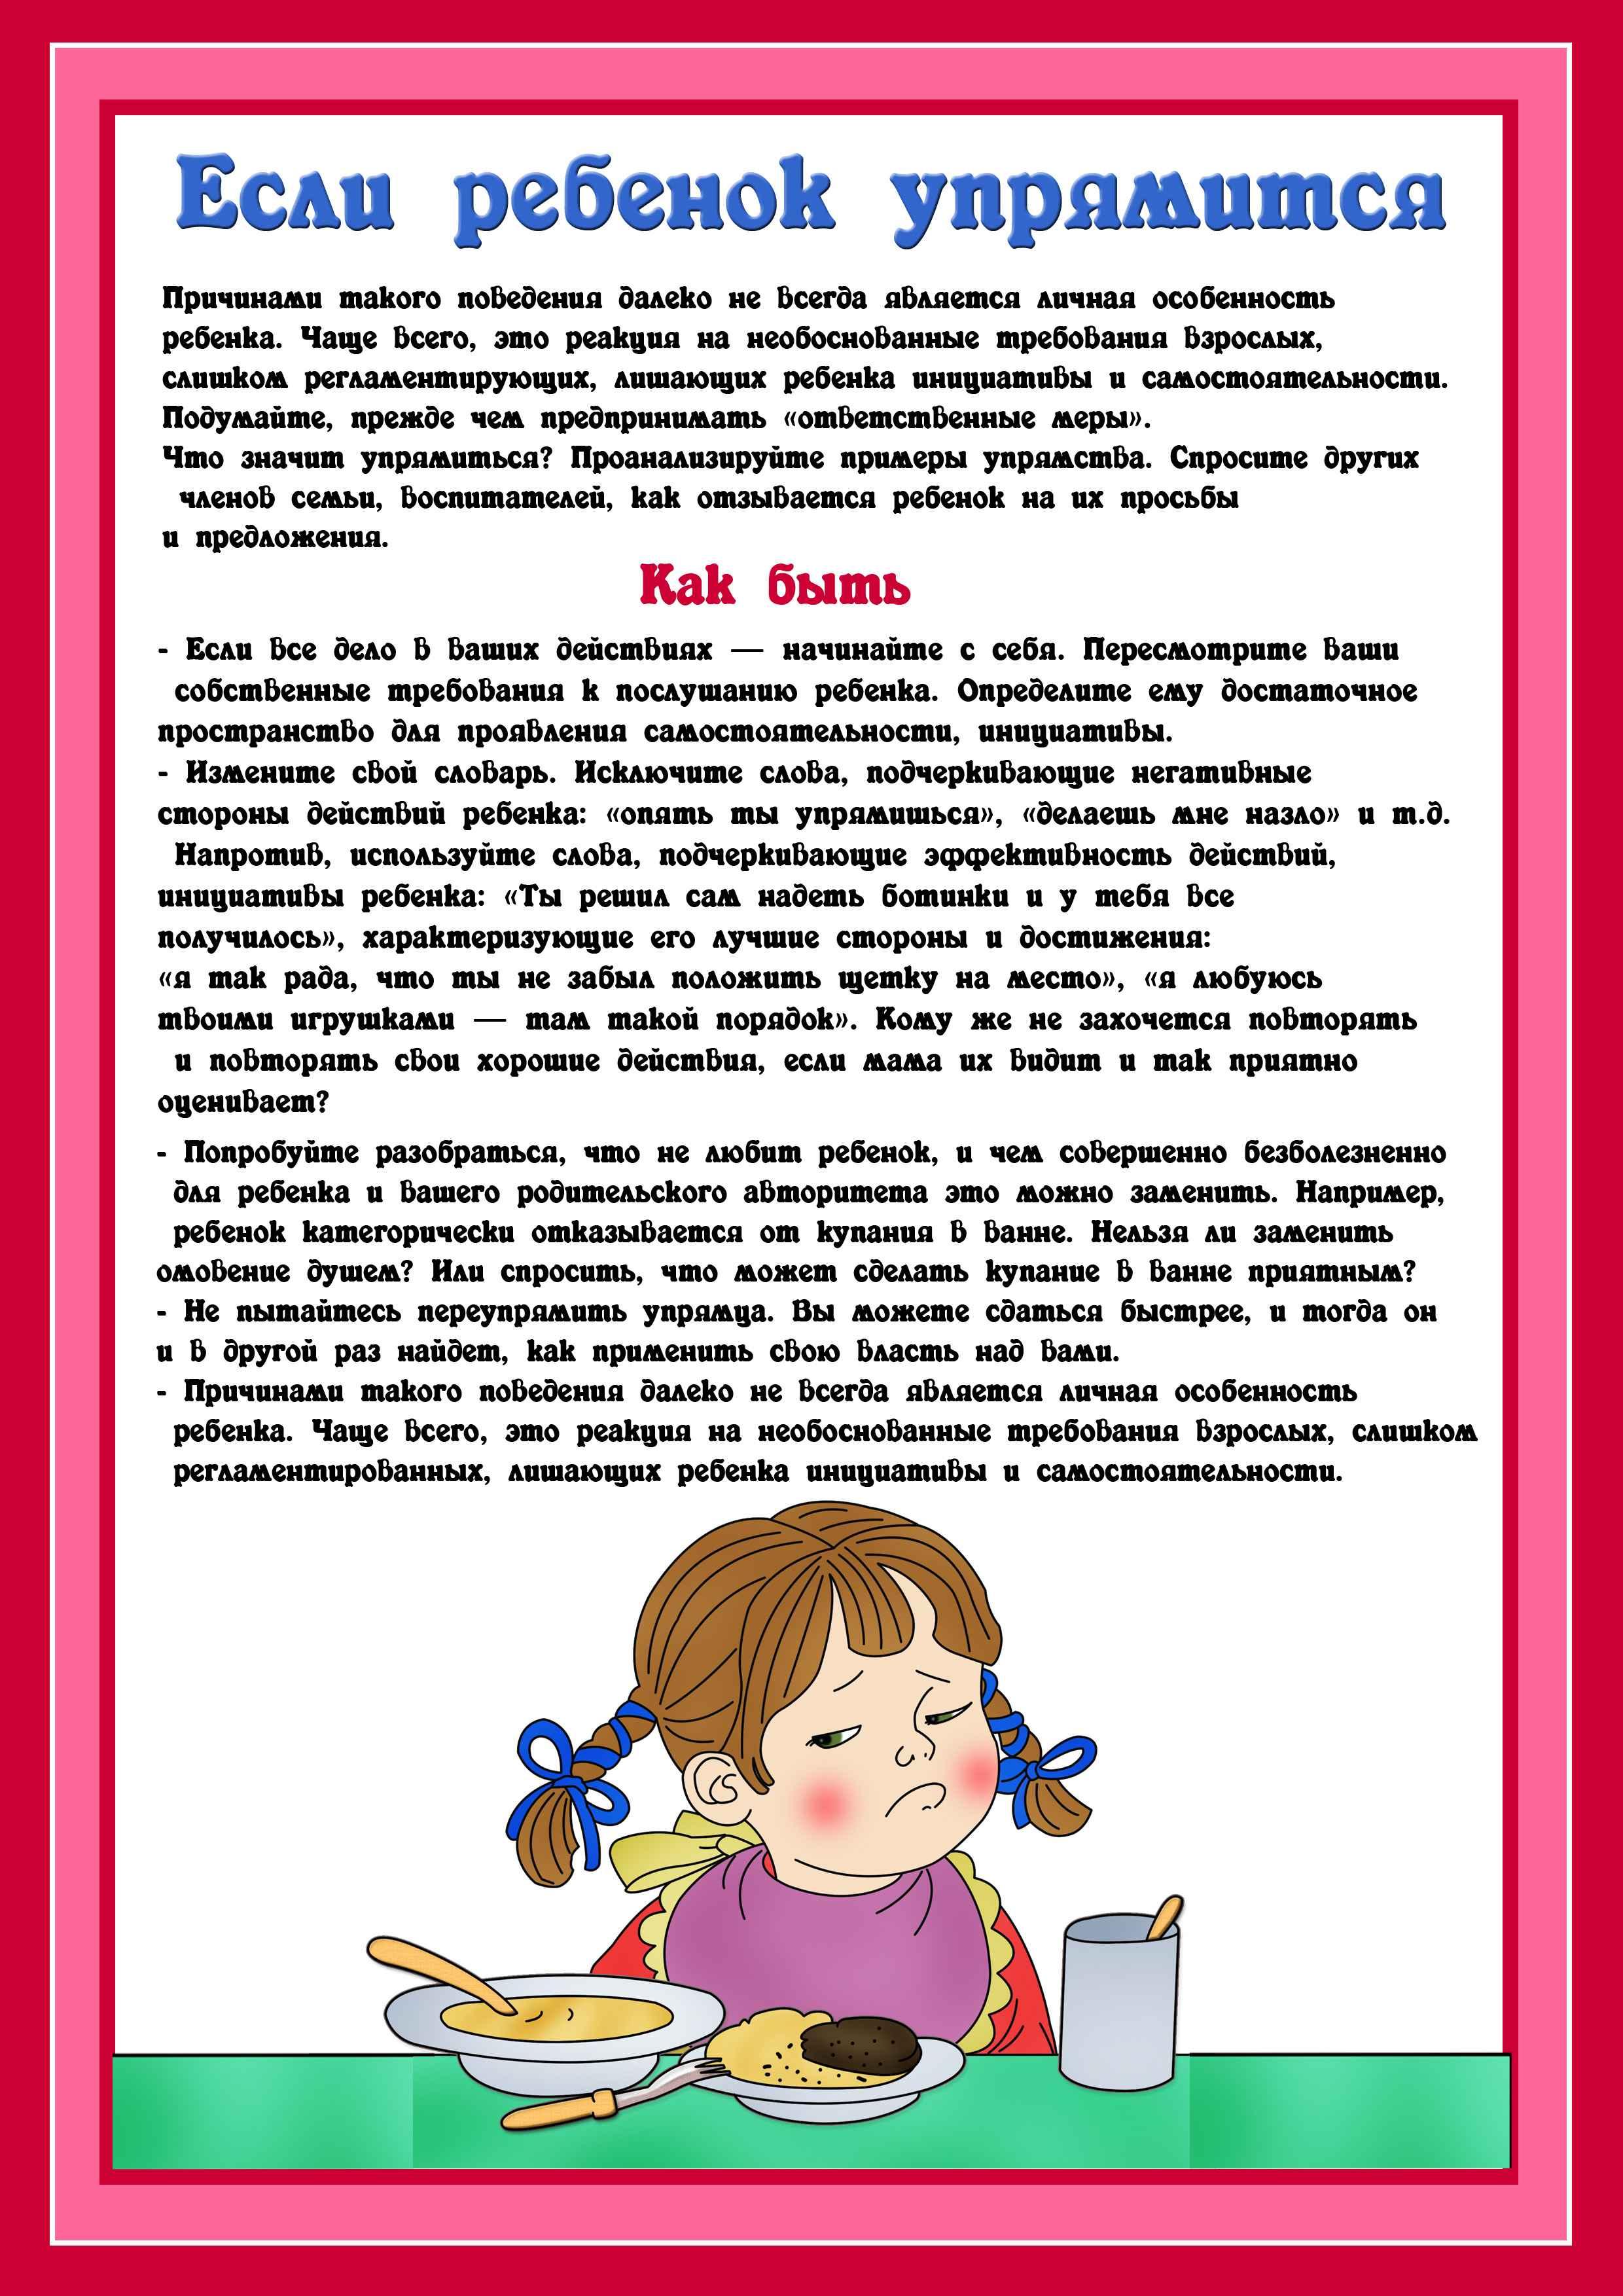 Консультации по закаливанию для родителей в картинках 5